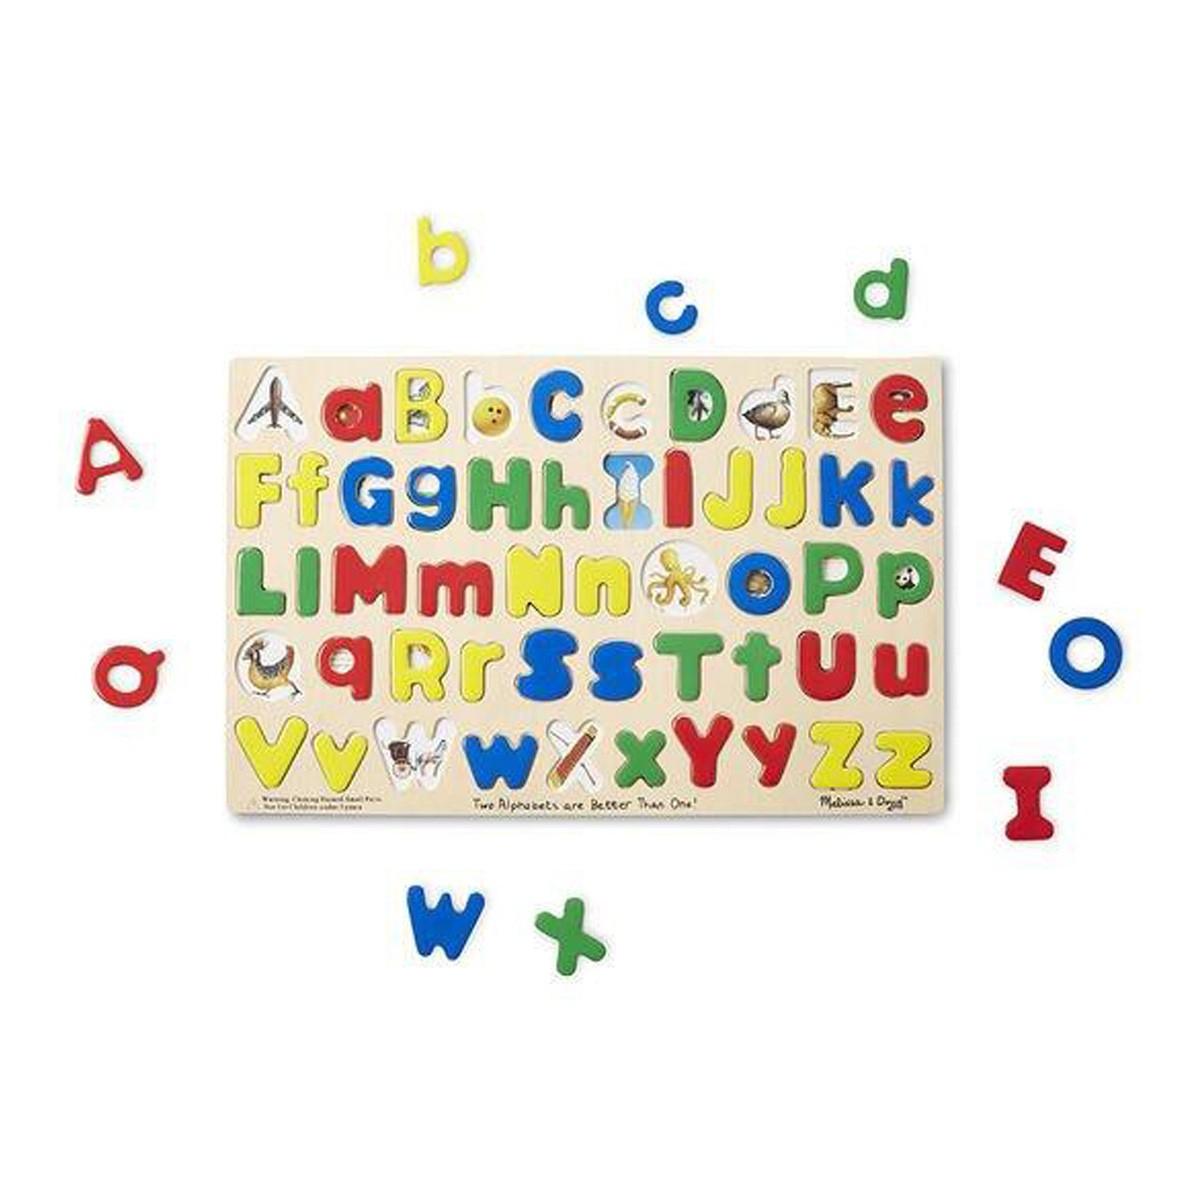 Alphabet Majuscules Et Minuscules (52 Mx) serapportantà Alphabet Majuscule Et Minuscule